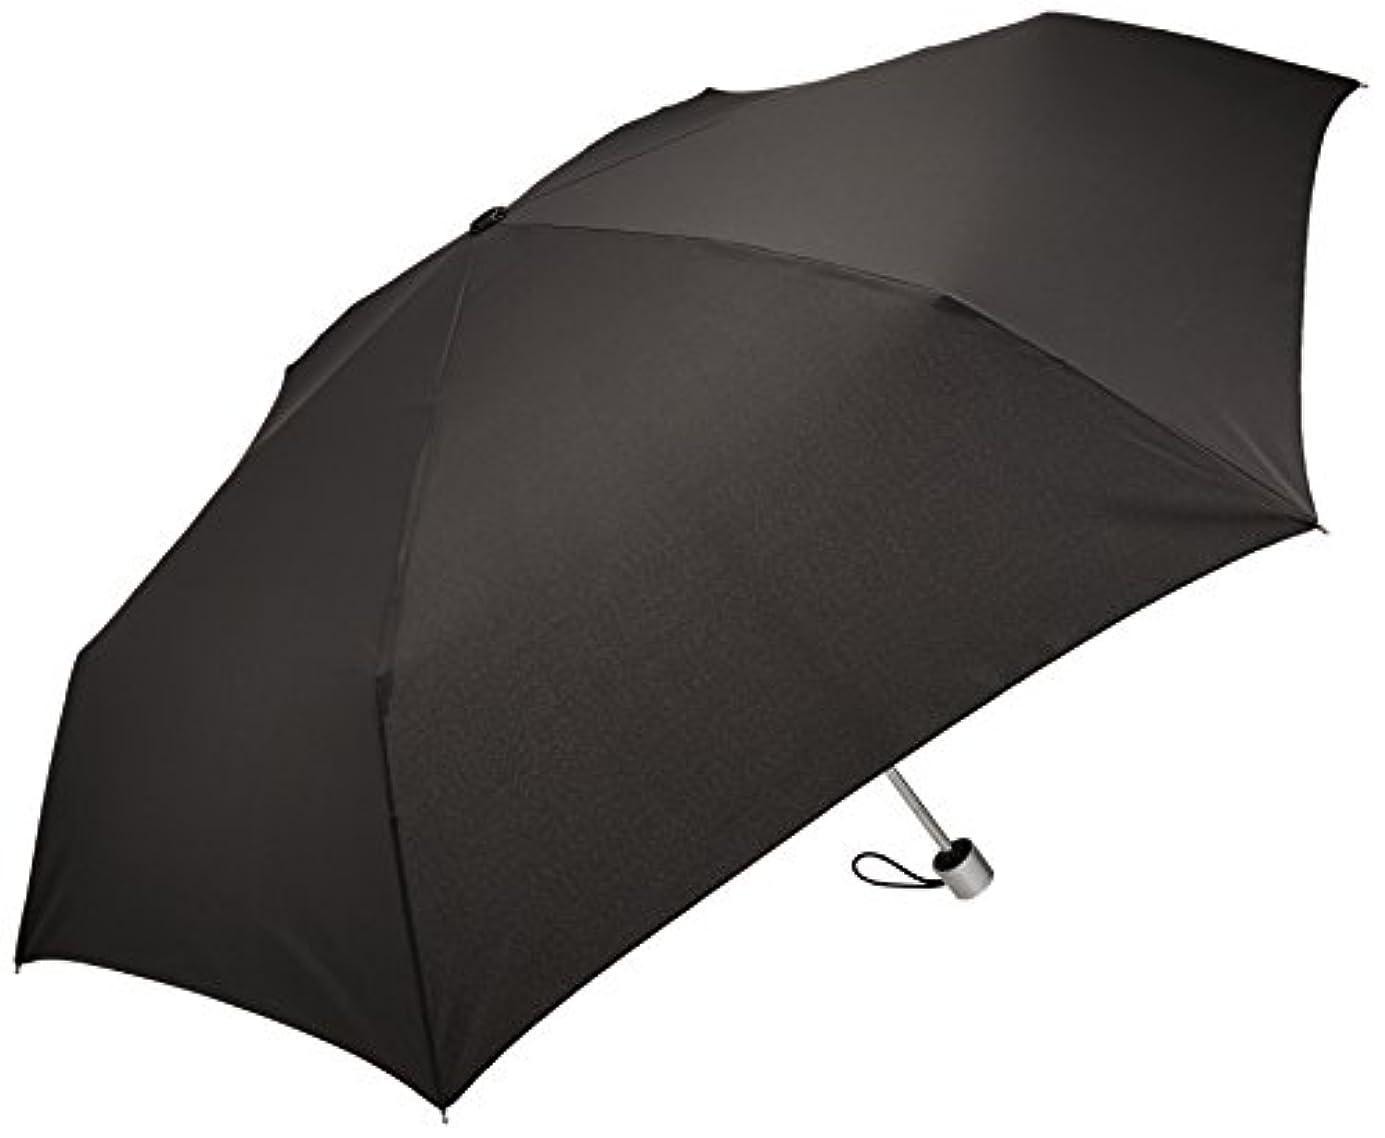 売る違反する同一のBS-3F63-UH ビックサイズ三折63cm